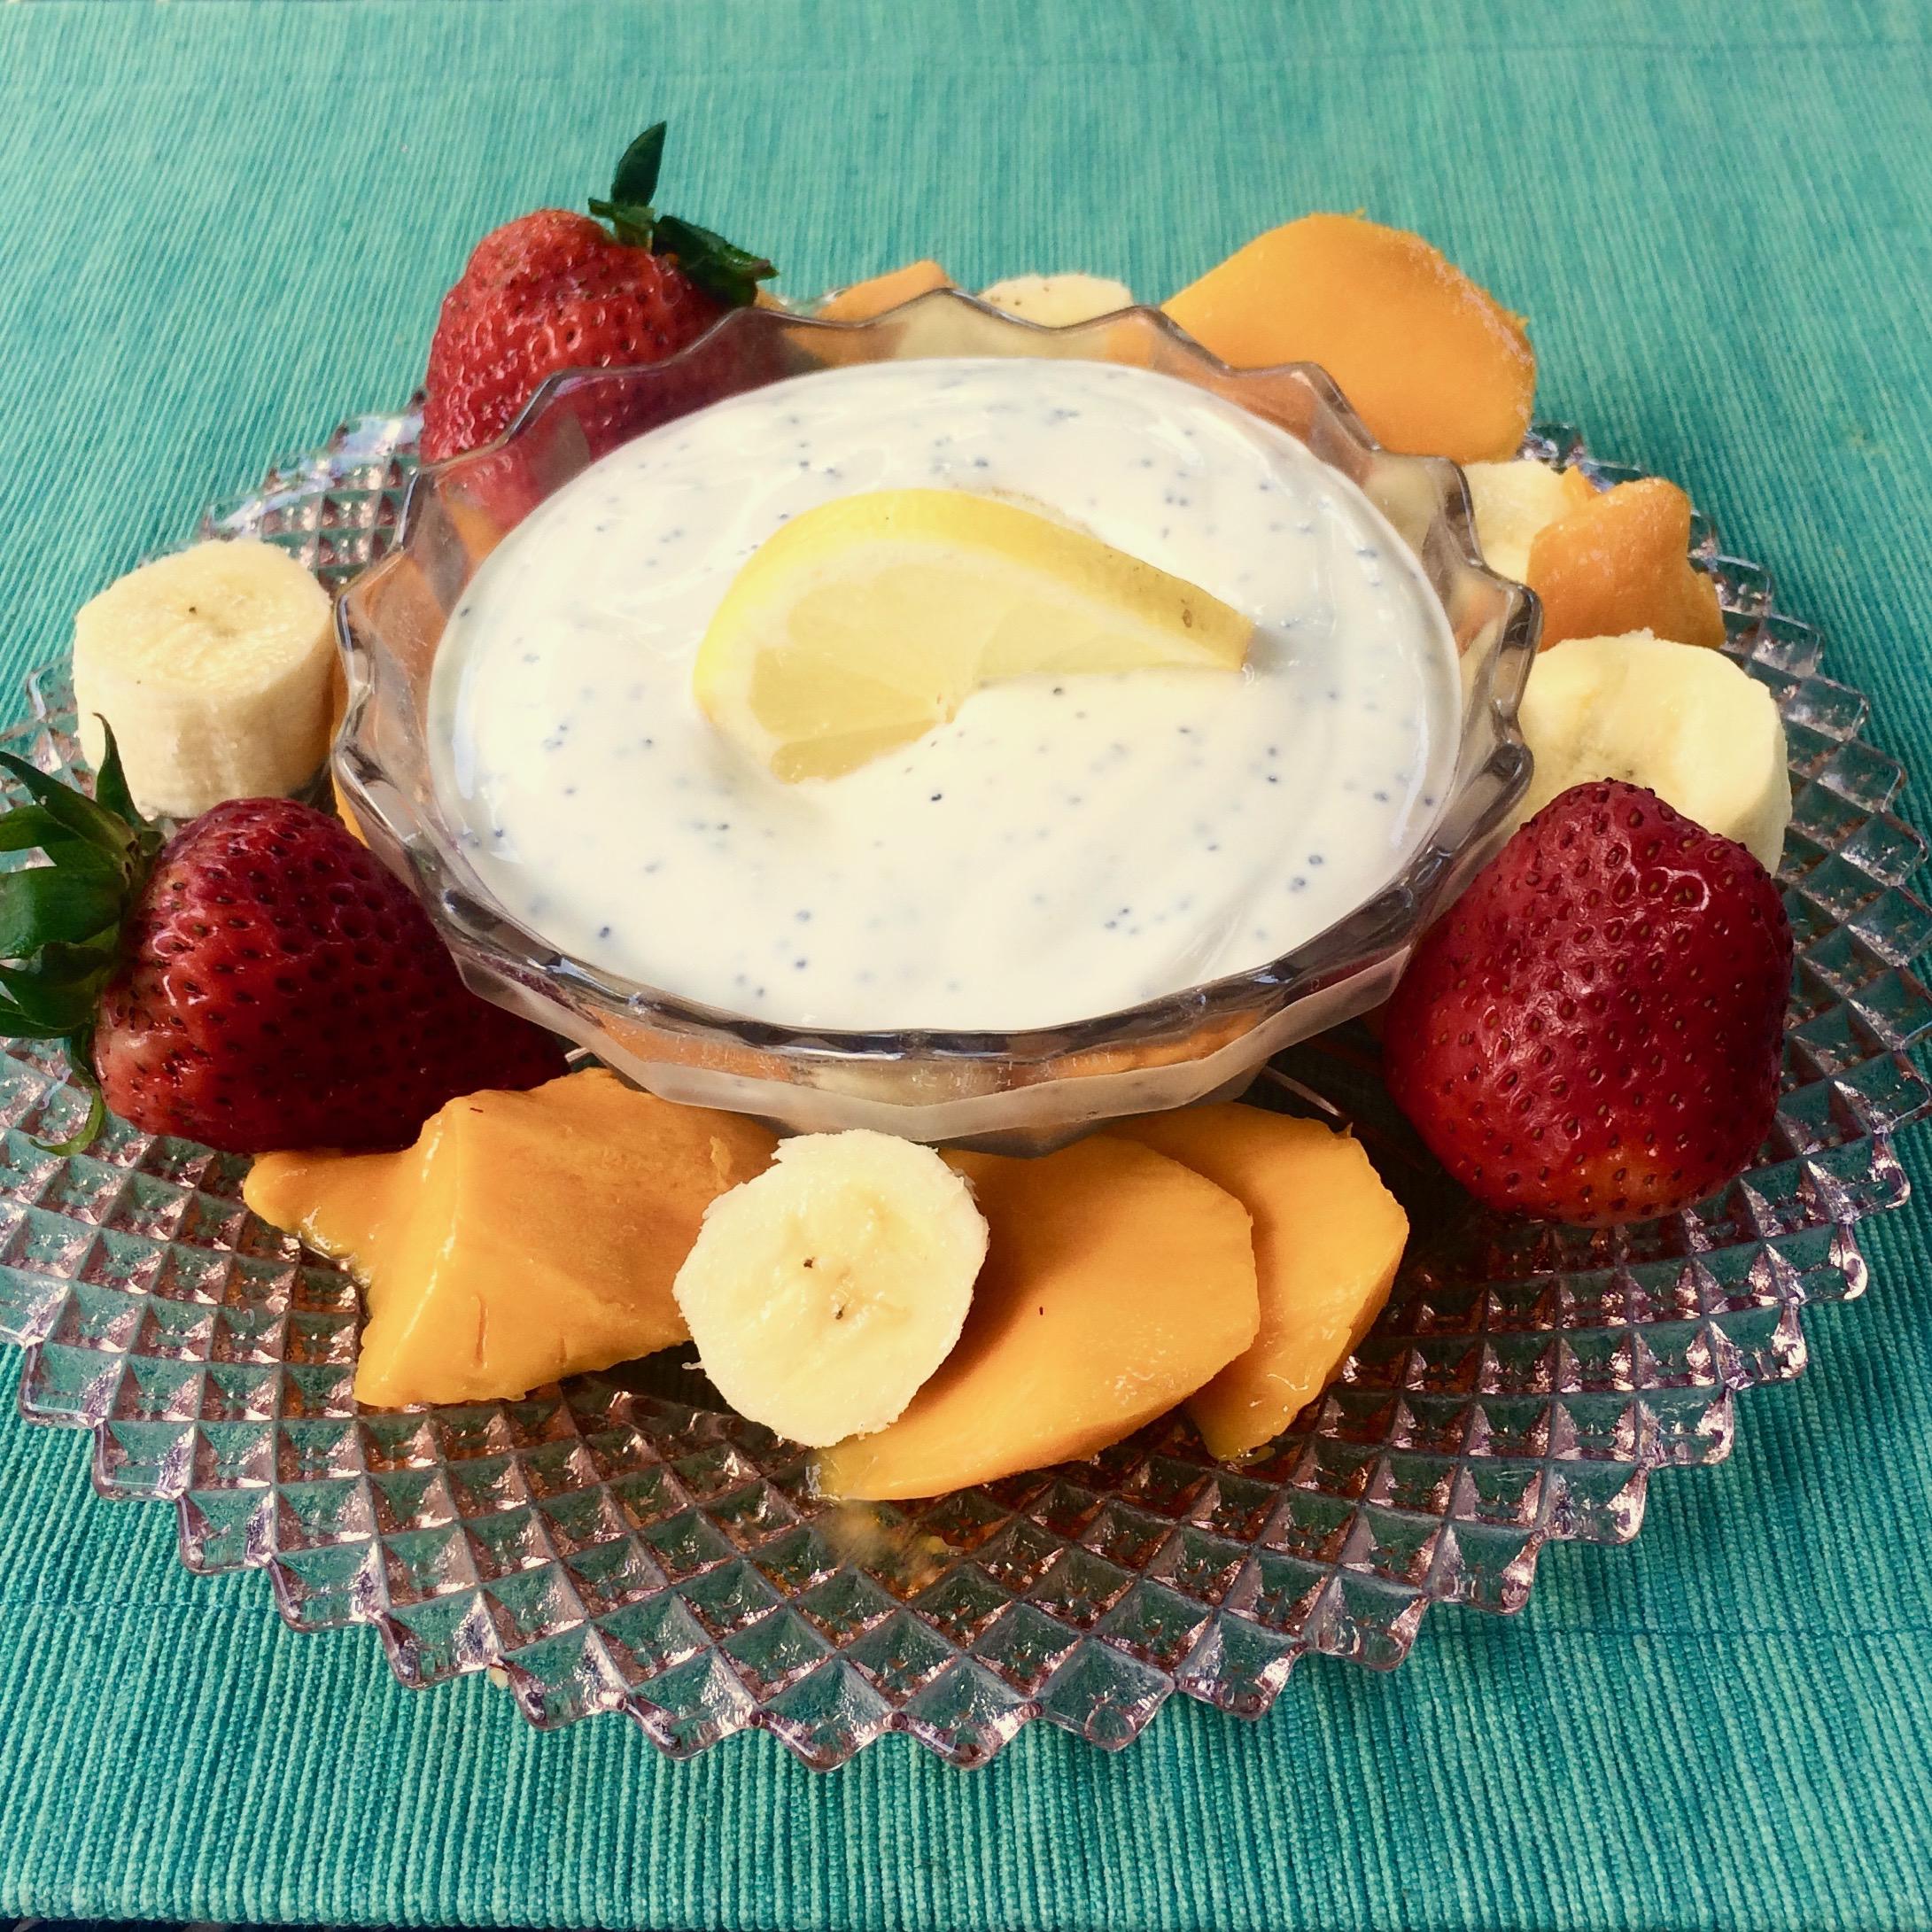 Lemon-Poppy Seed Fruit Dip